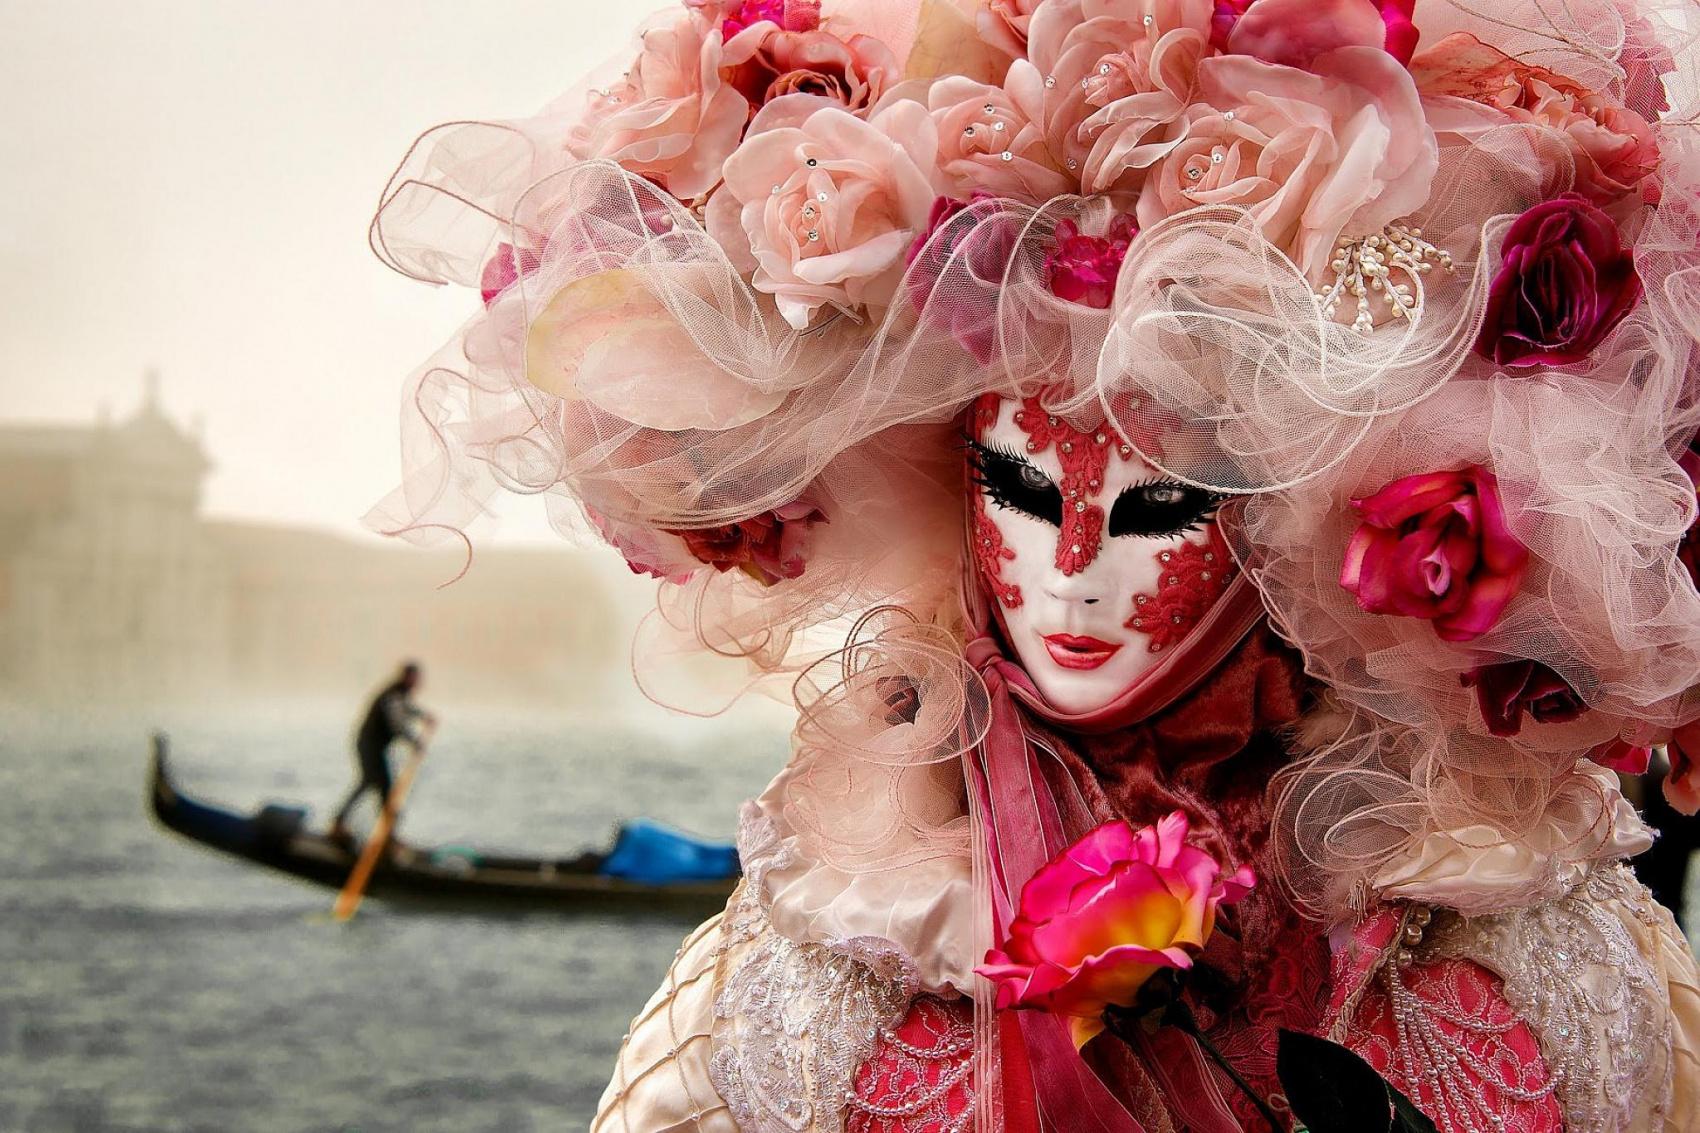 Картинки карнавала в венеции